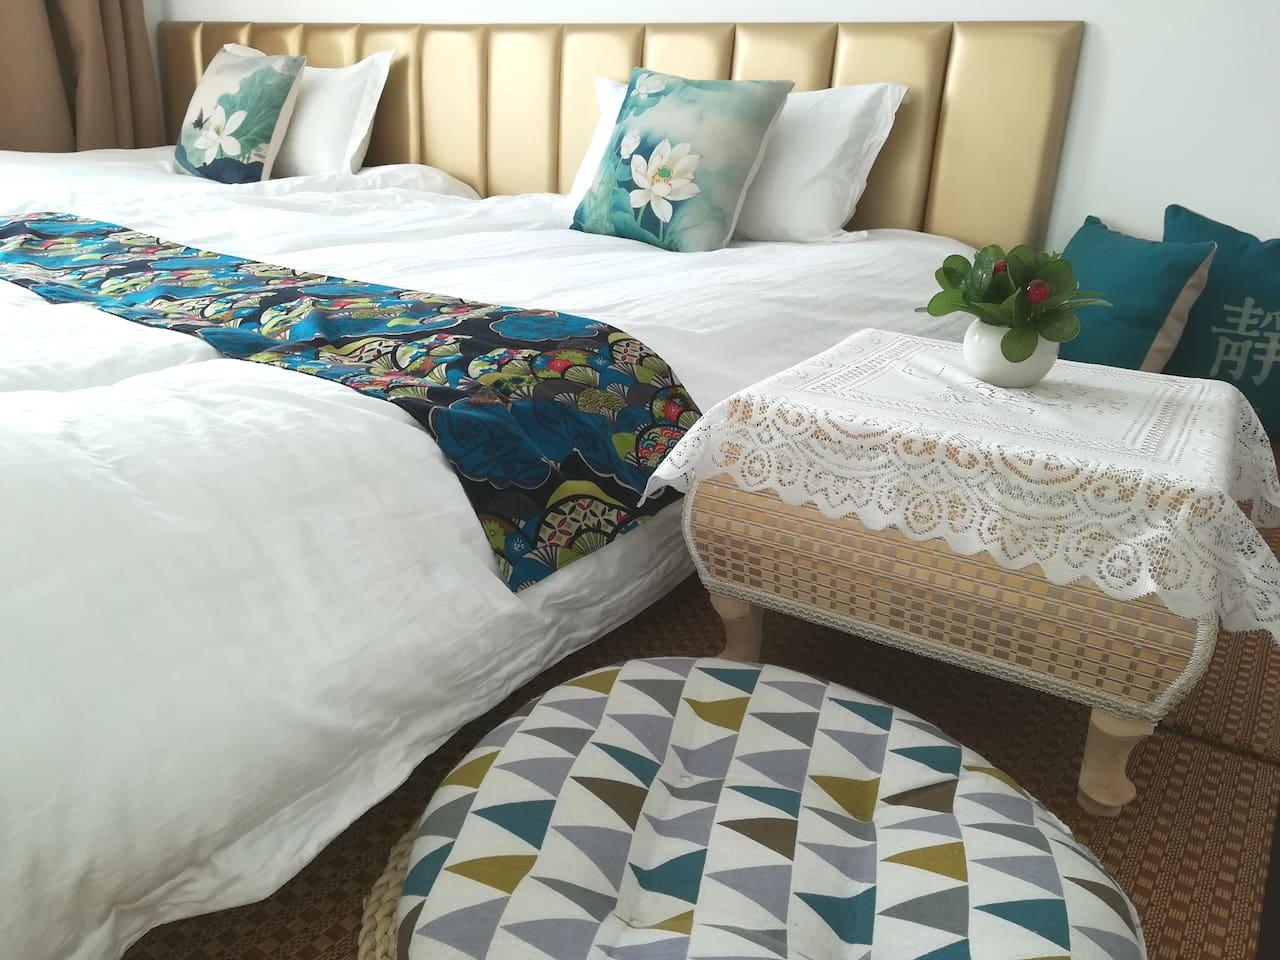 榻榻米房有两个1.2米的床垫